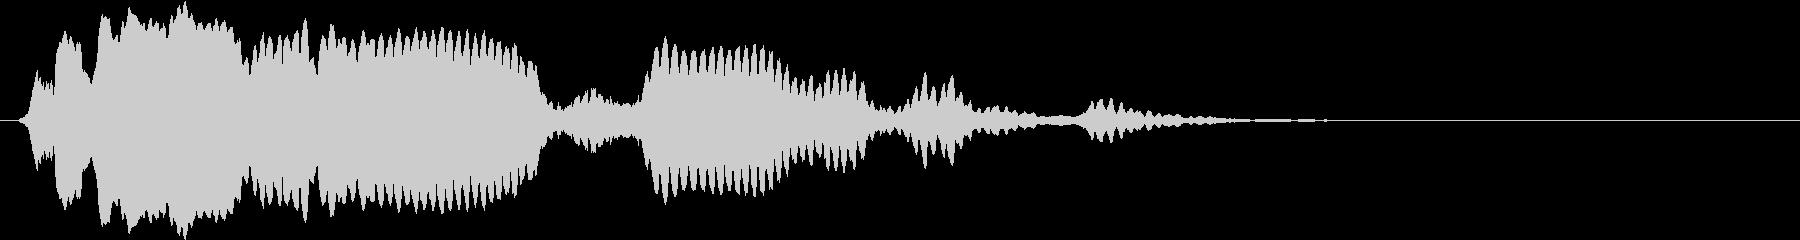 音侍SE「尺八フレーズ1」エニグマ音15の未再生の波形